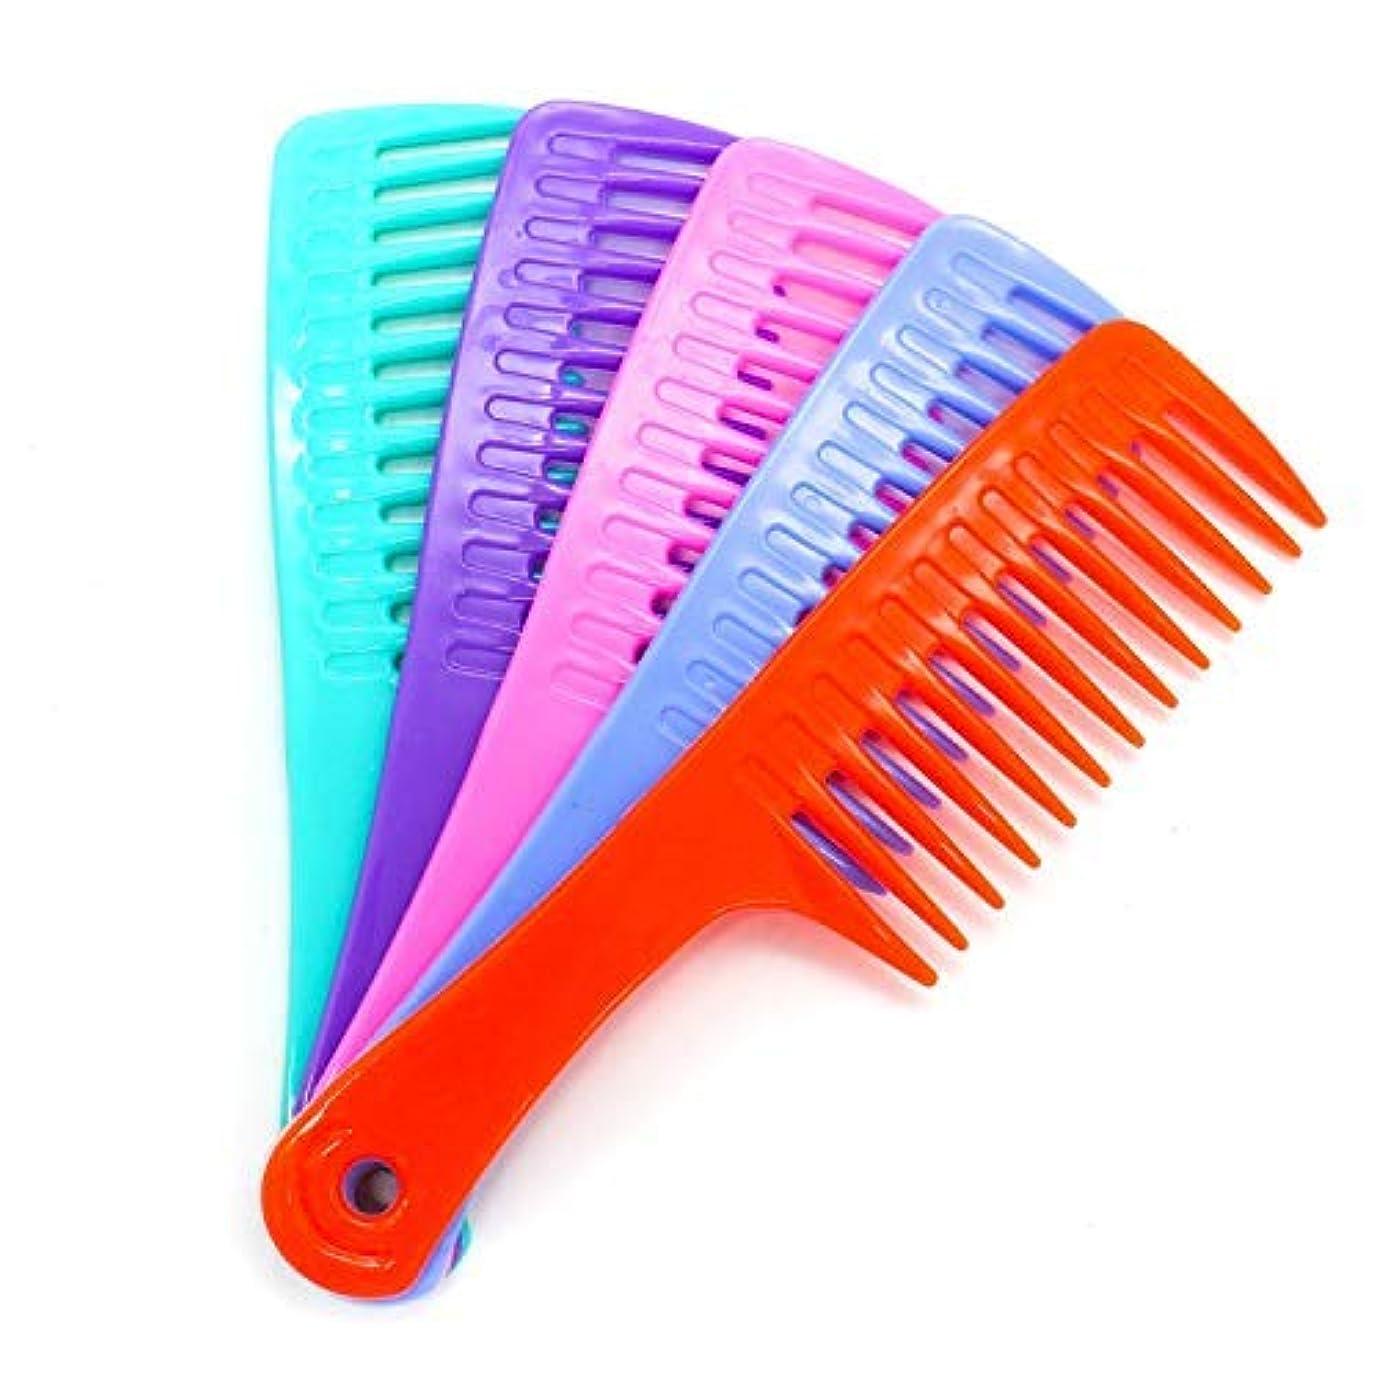 ヒューマニスティックネックレットパークHUELE 5 Pack Colorful Wide Tooth Detangler Hair Brush Detangling Comb for Adults & Kids Handle Comb [並行輸入品]